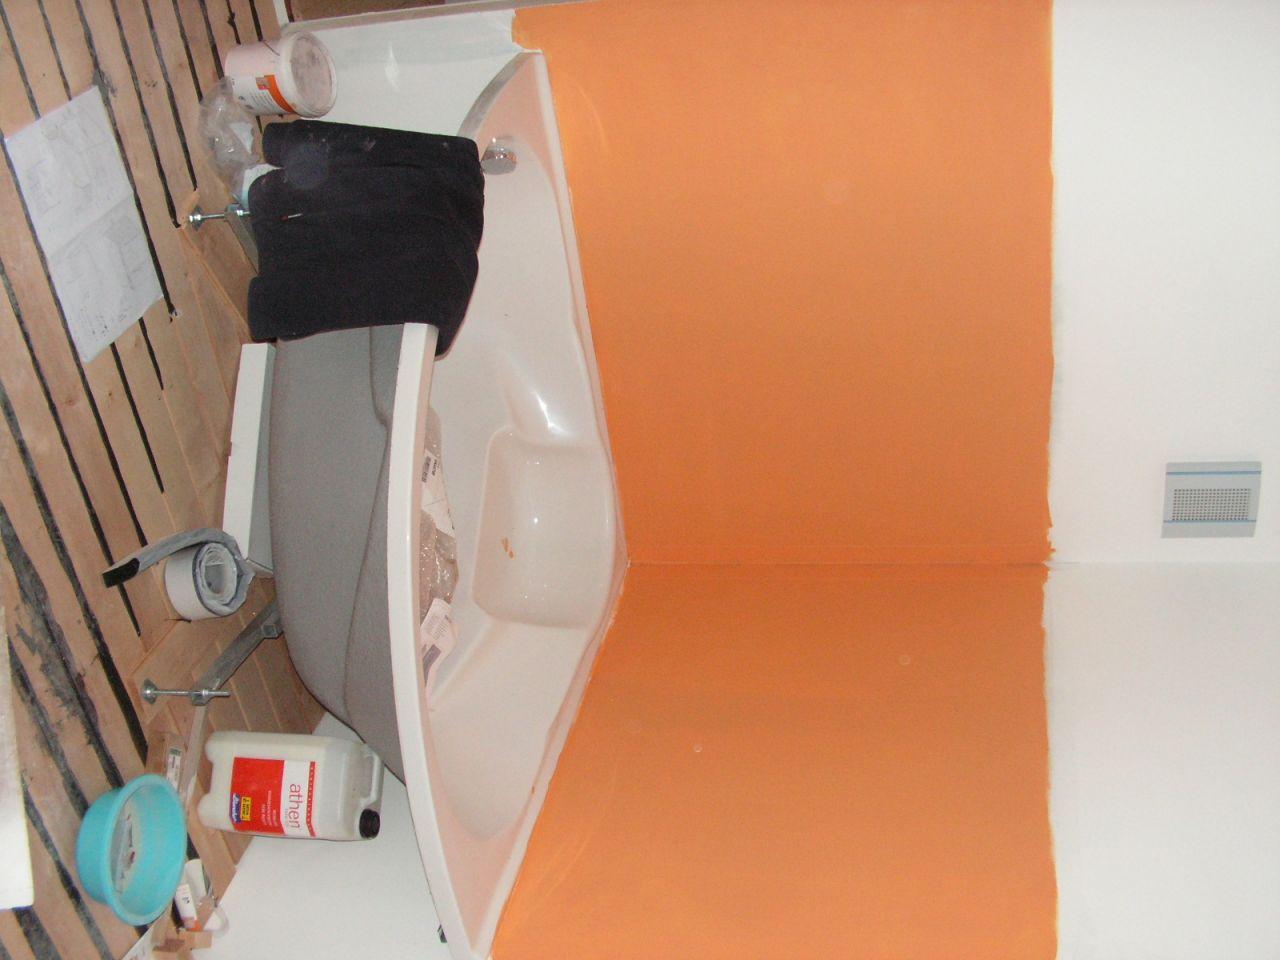 le orange c'est pas la peinture c'est l'étanchéité!